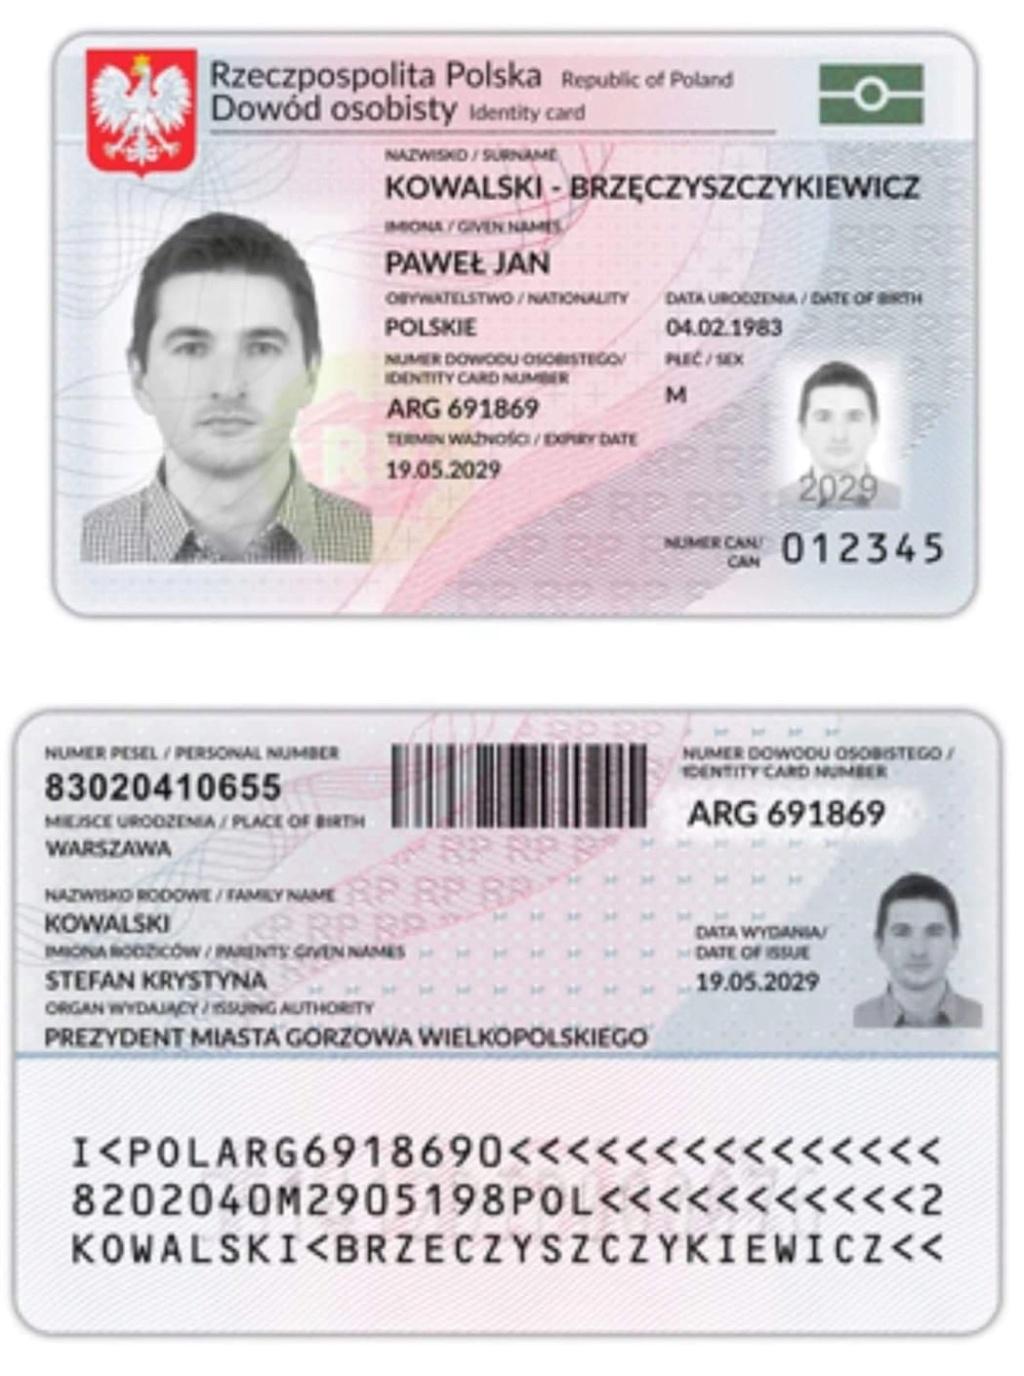 20 euro bez depozytu Blackcatcard  - Page 4 Dowod10